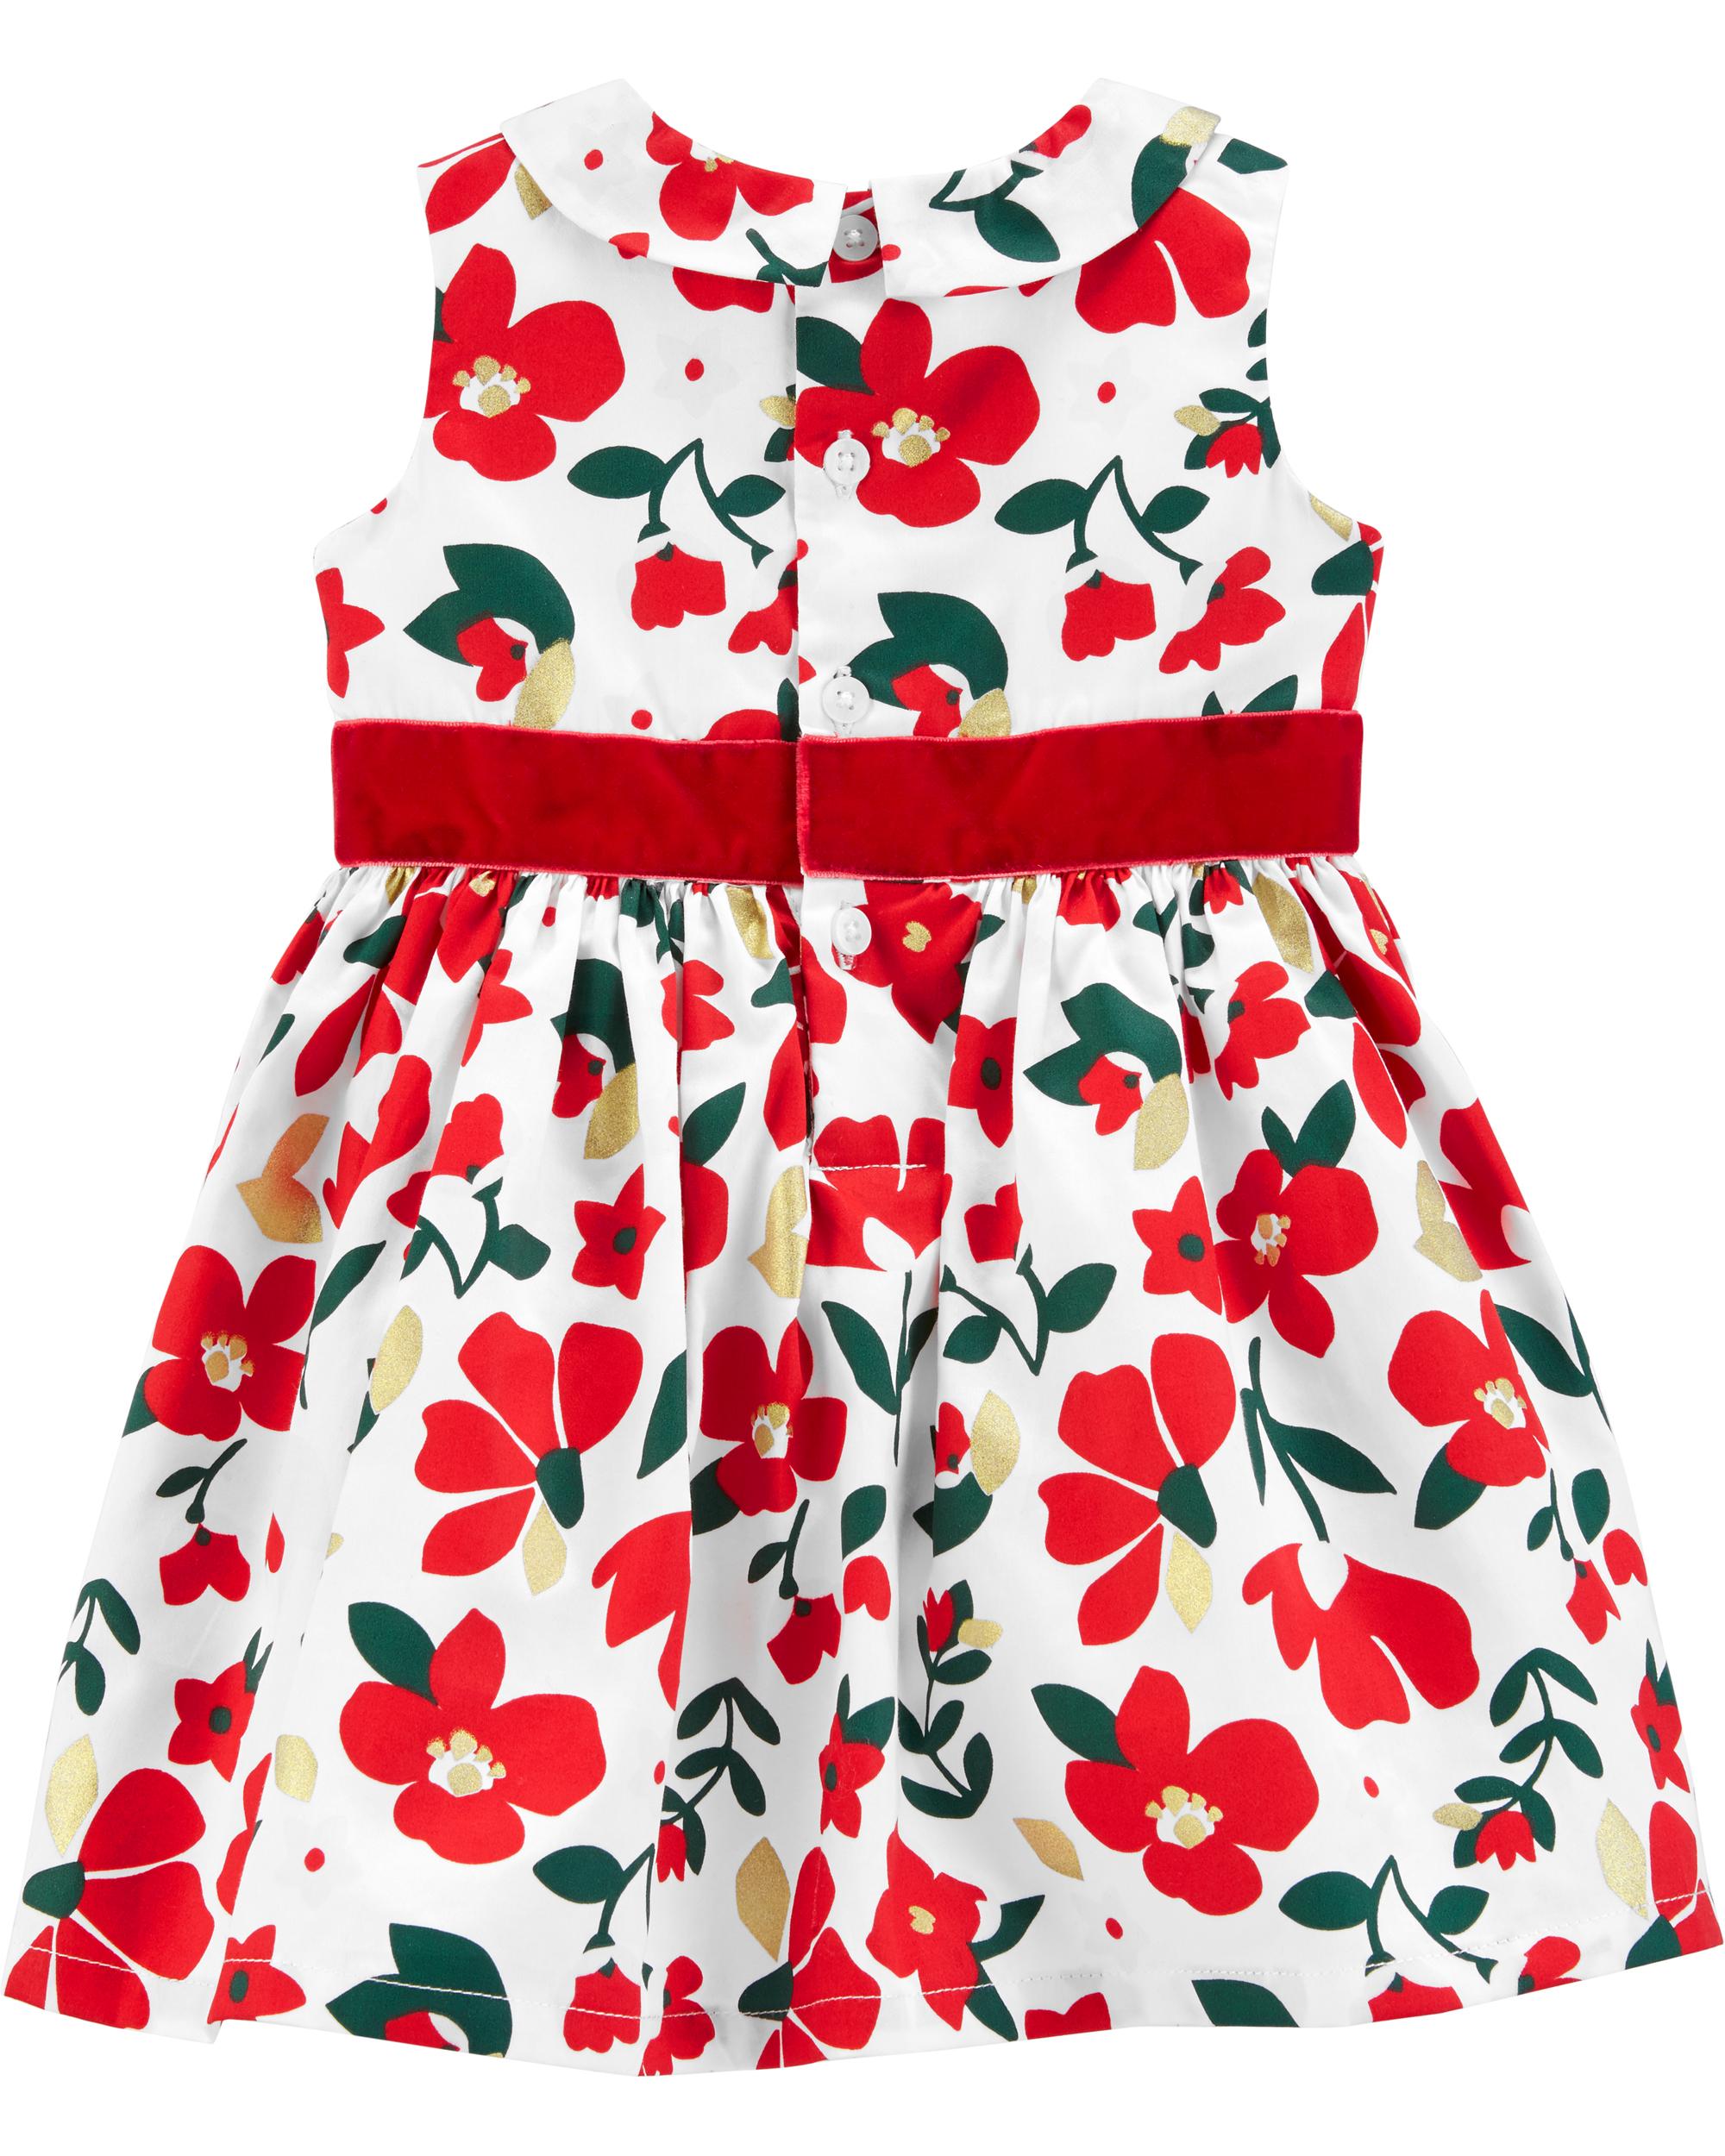 שמלת אריג פרחונית